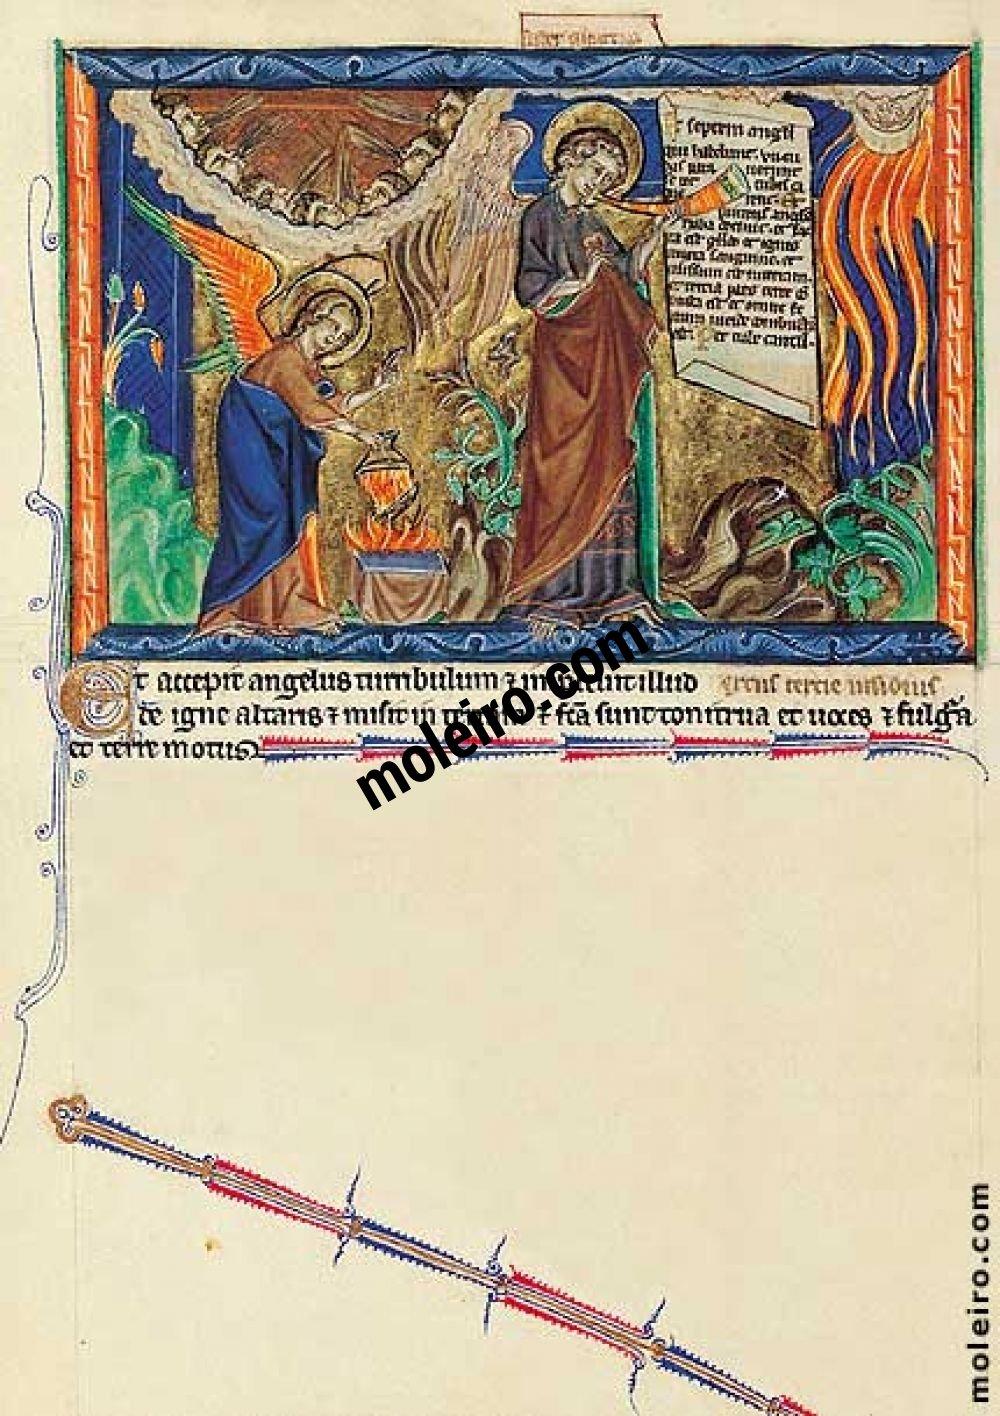 Apokalypse Gulbenkian f. 16v, Der Engel leert seine Räucherpfanne über der Erde aus; die erste Posaune: der Feuerregen über die Erde